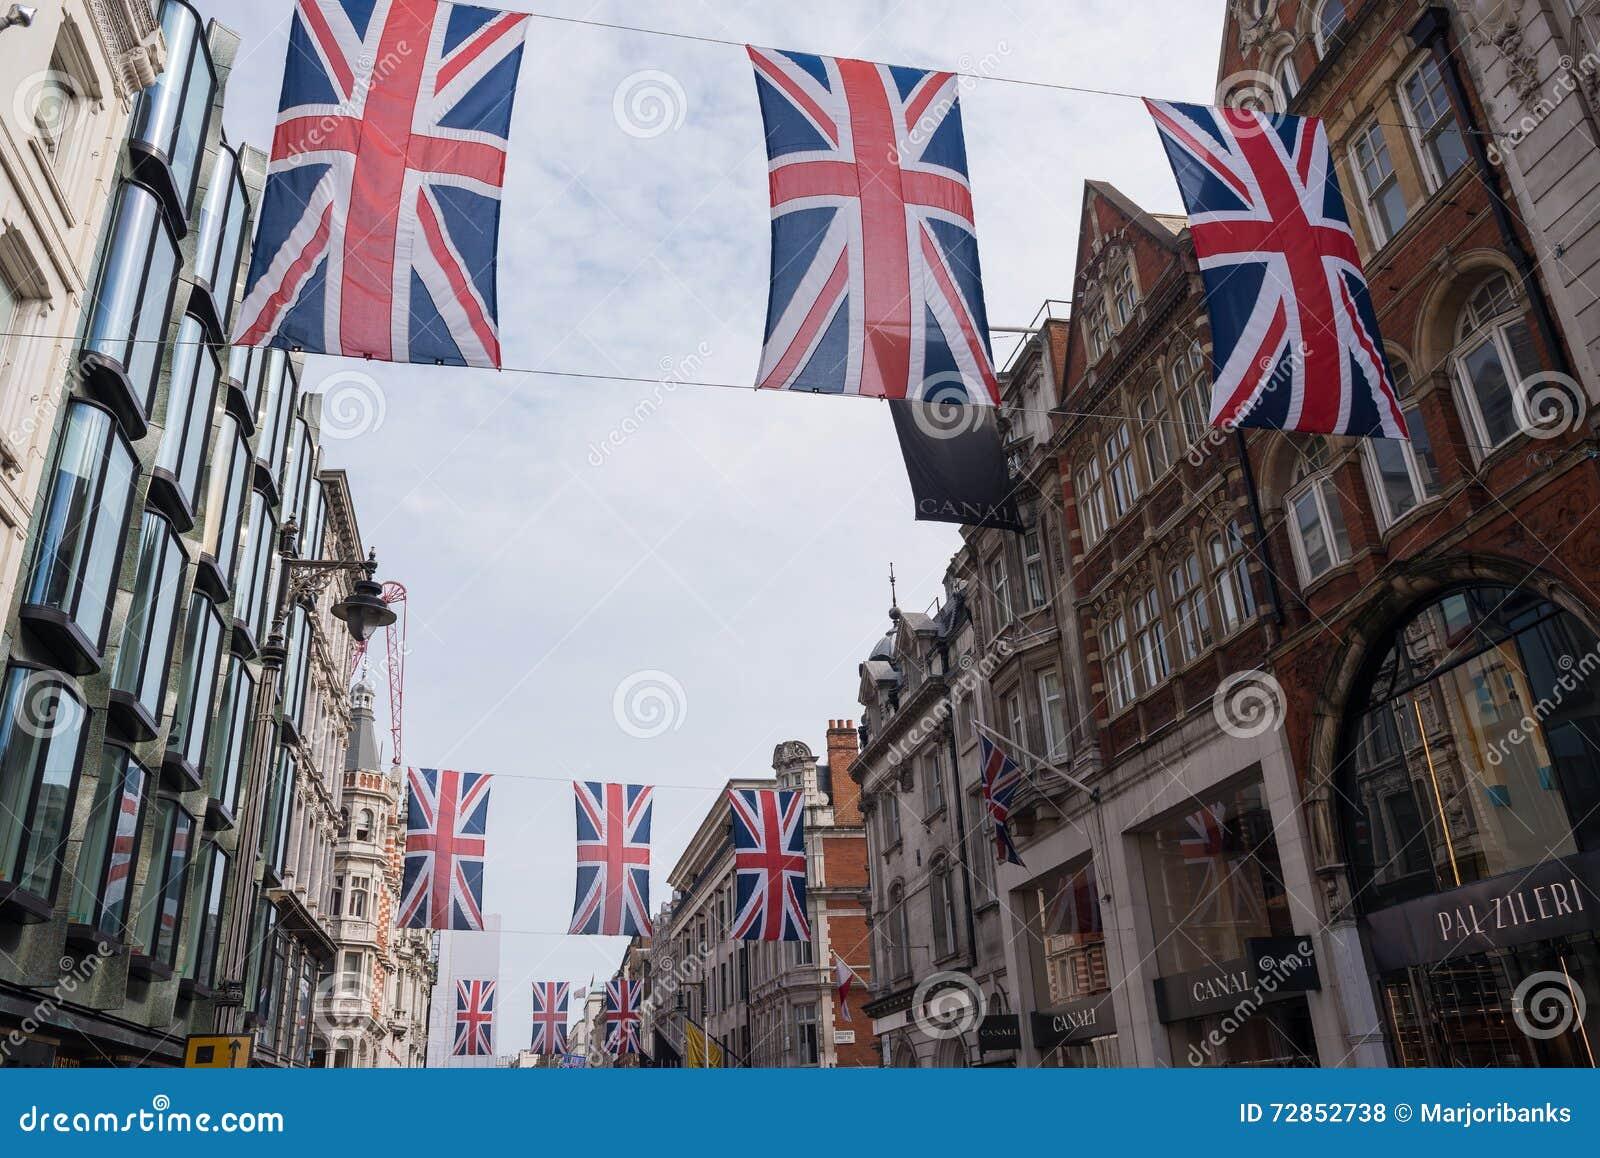 Union Jack flaga chorągiewka w Nowej Niewolnej ulicie, Londyn